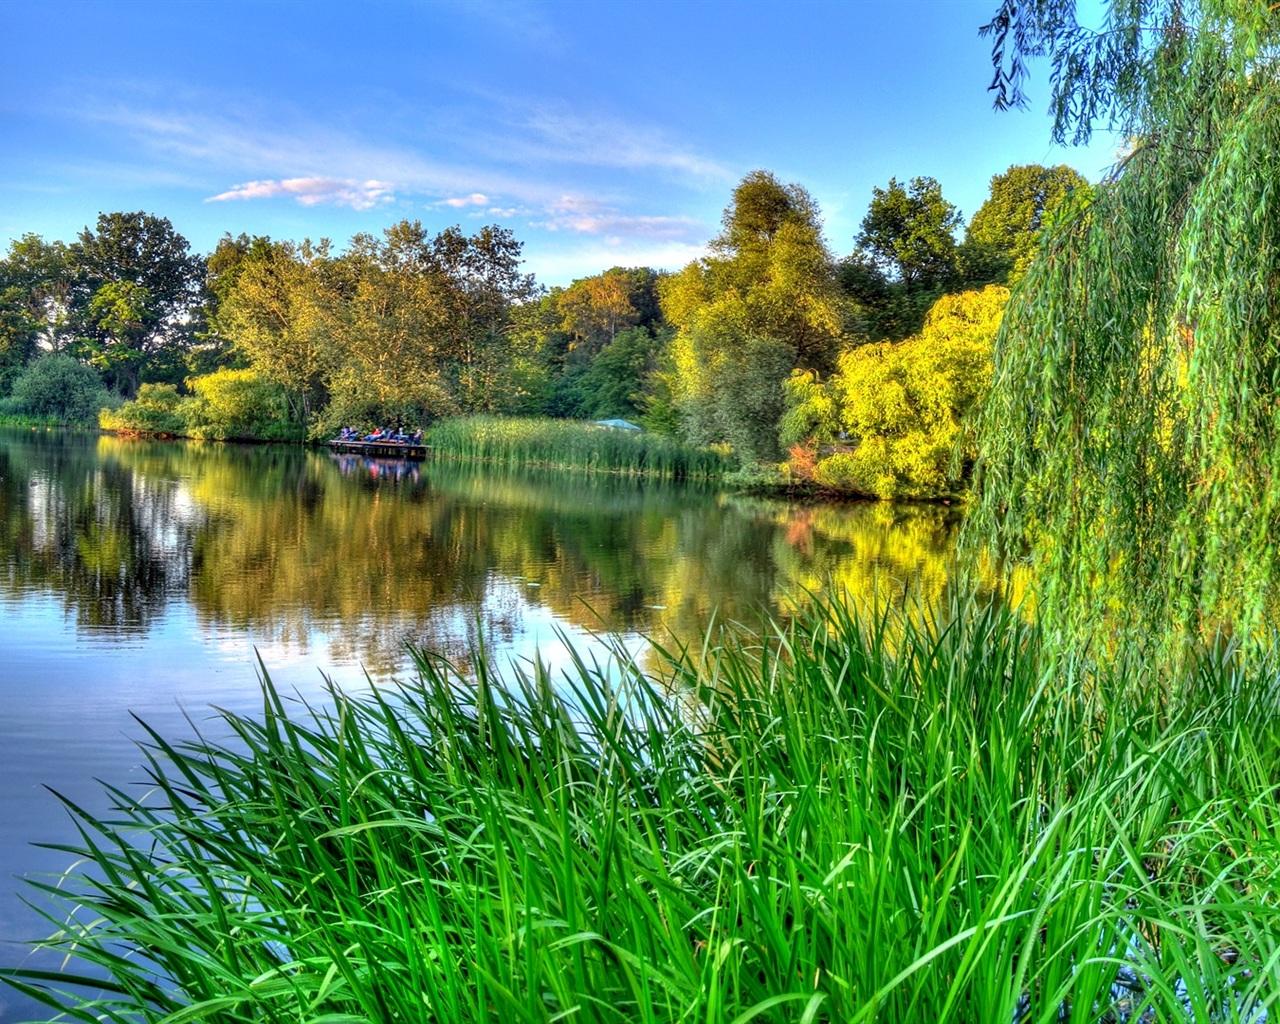 بالصور اجمل مناظر العالم , بالصور جمال العالم الساحر 3590 10